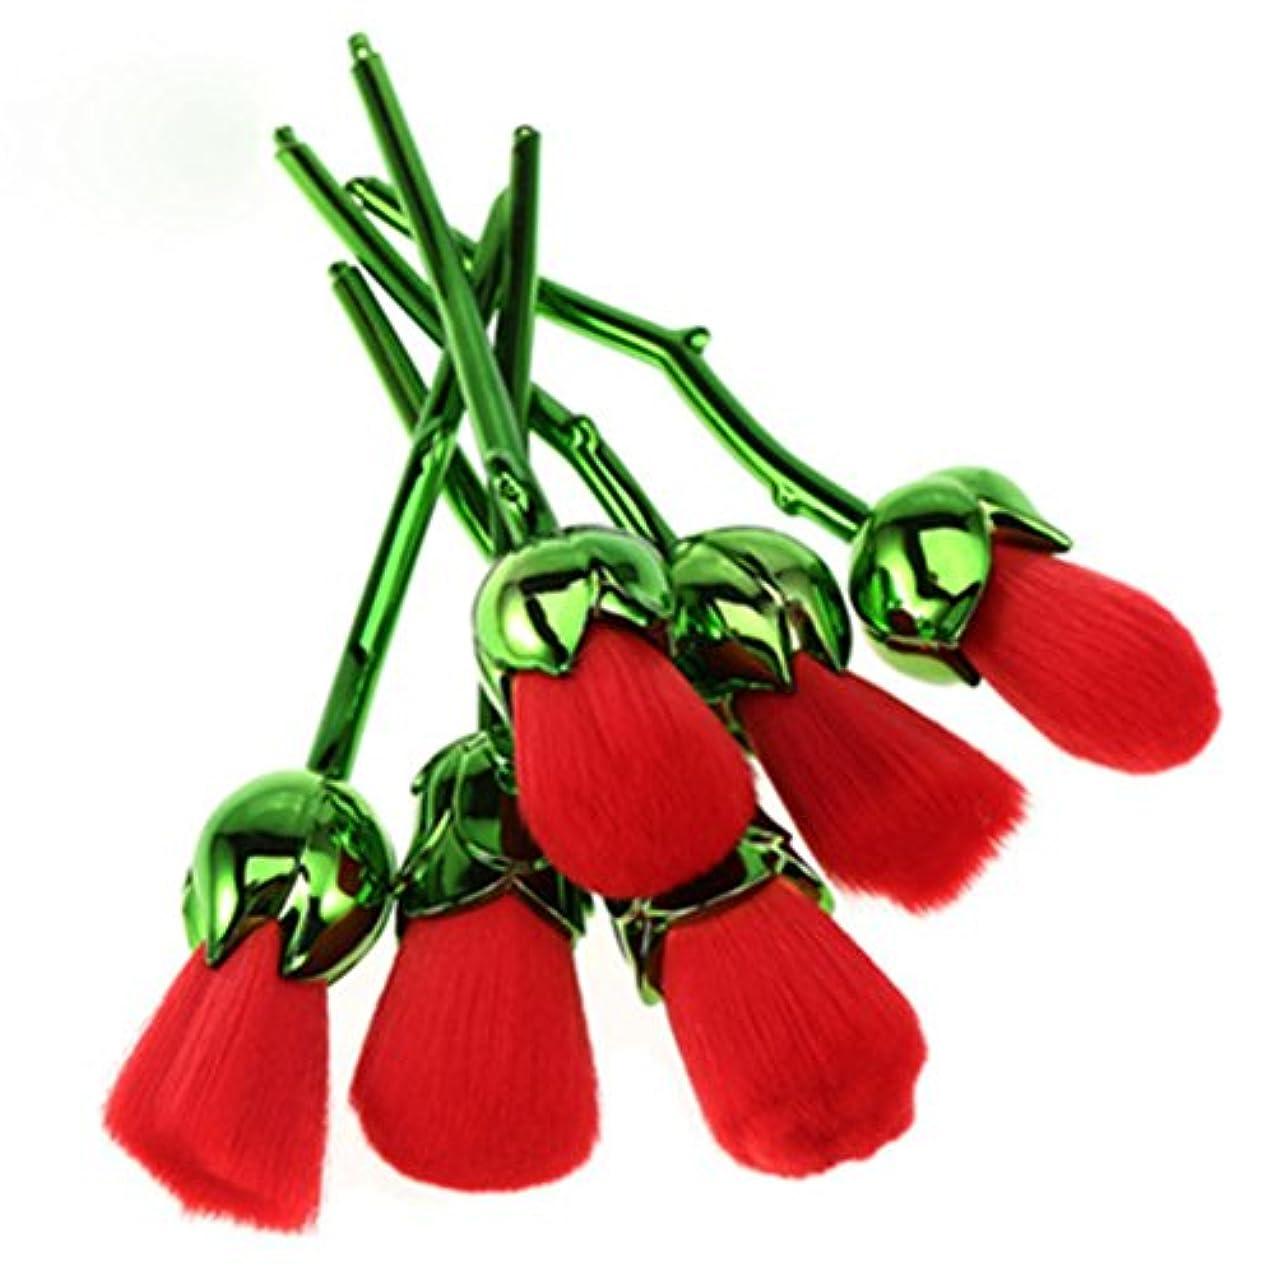 ほこりっぽい見出し多様なディラビューティー(Dilla Beauty) メイクブラシ 薔薇 メイクブラシセット 人気 ファンデーションブラシ 化粧筆 可愛い 化粧ブラシ セット パウダーブラシ フェイスブラシ ローズ メイクブラシ 6本セット ケース付き (グリーン - レッド)